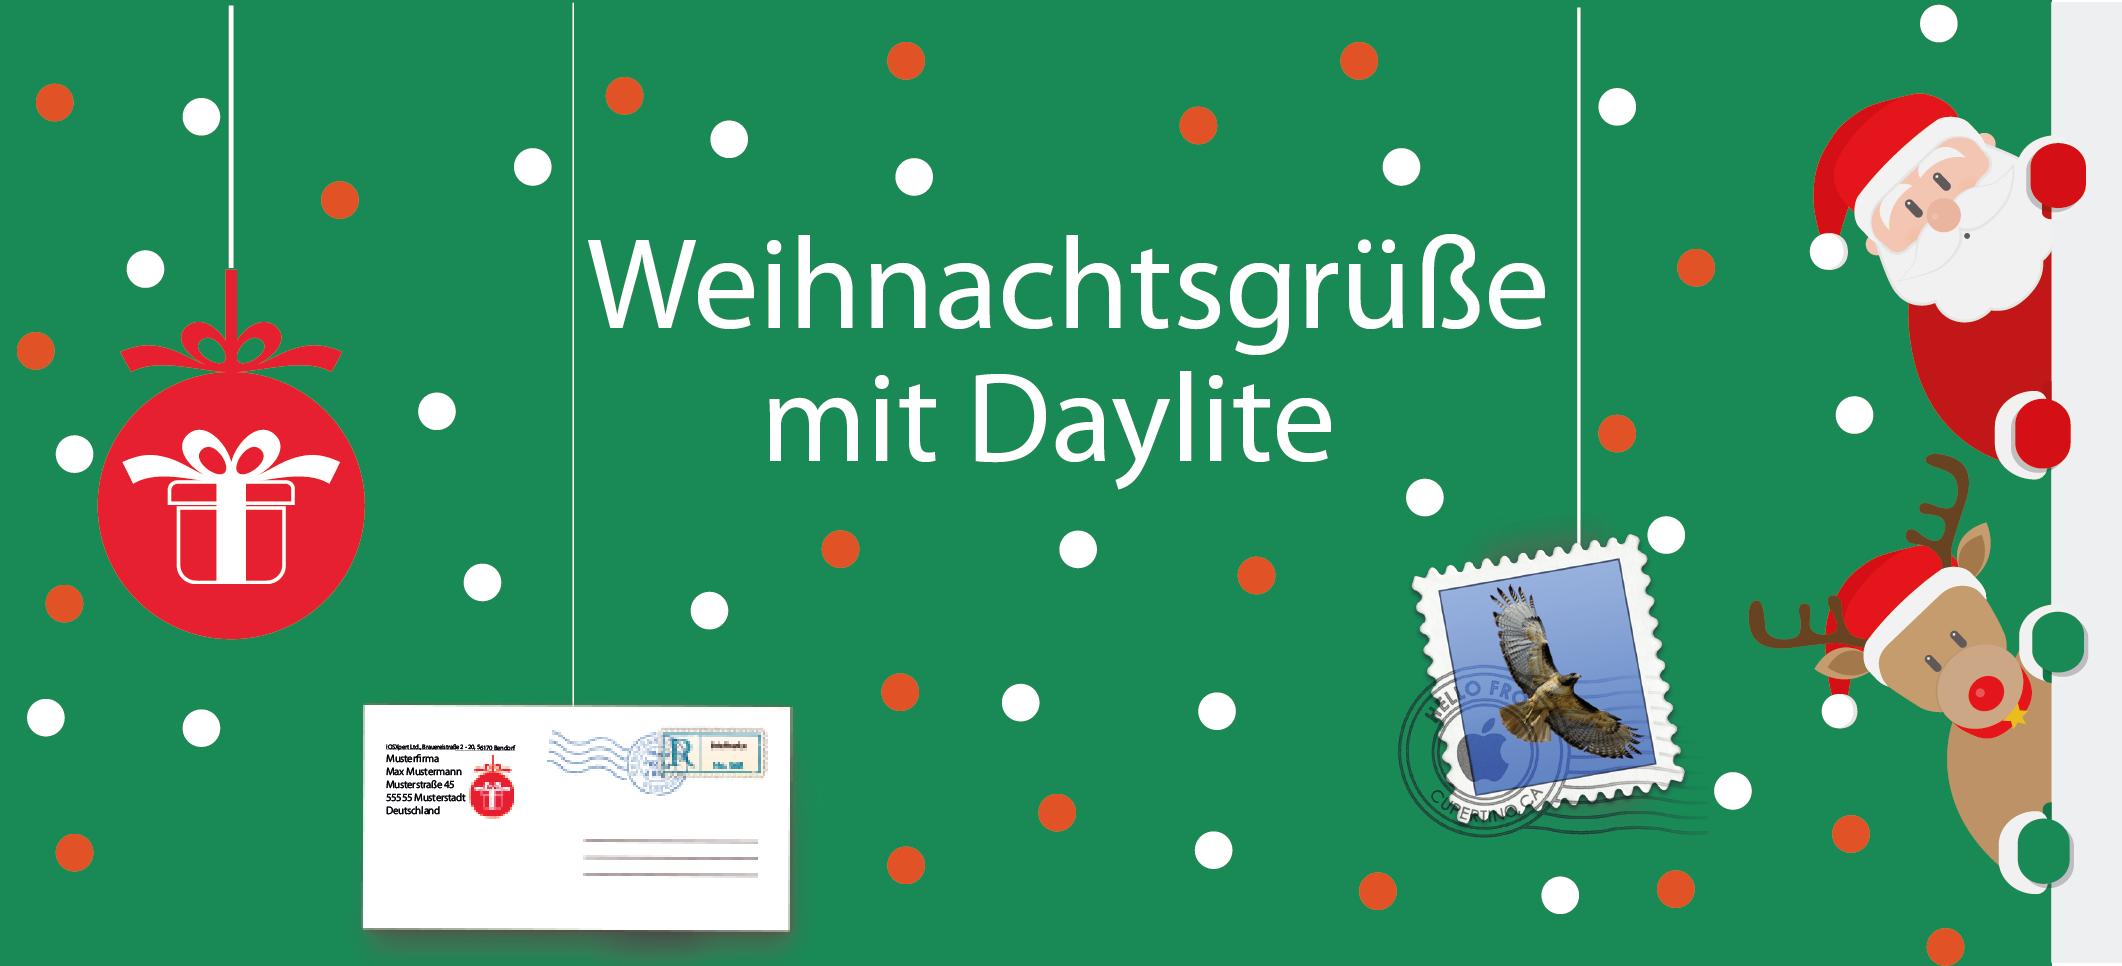 Weihnachtsgrüße mit Daylite